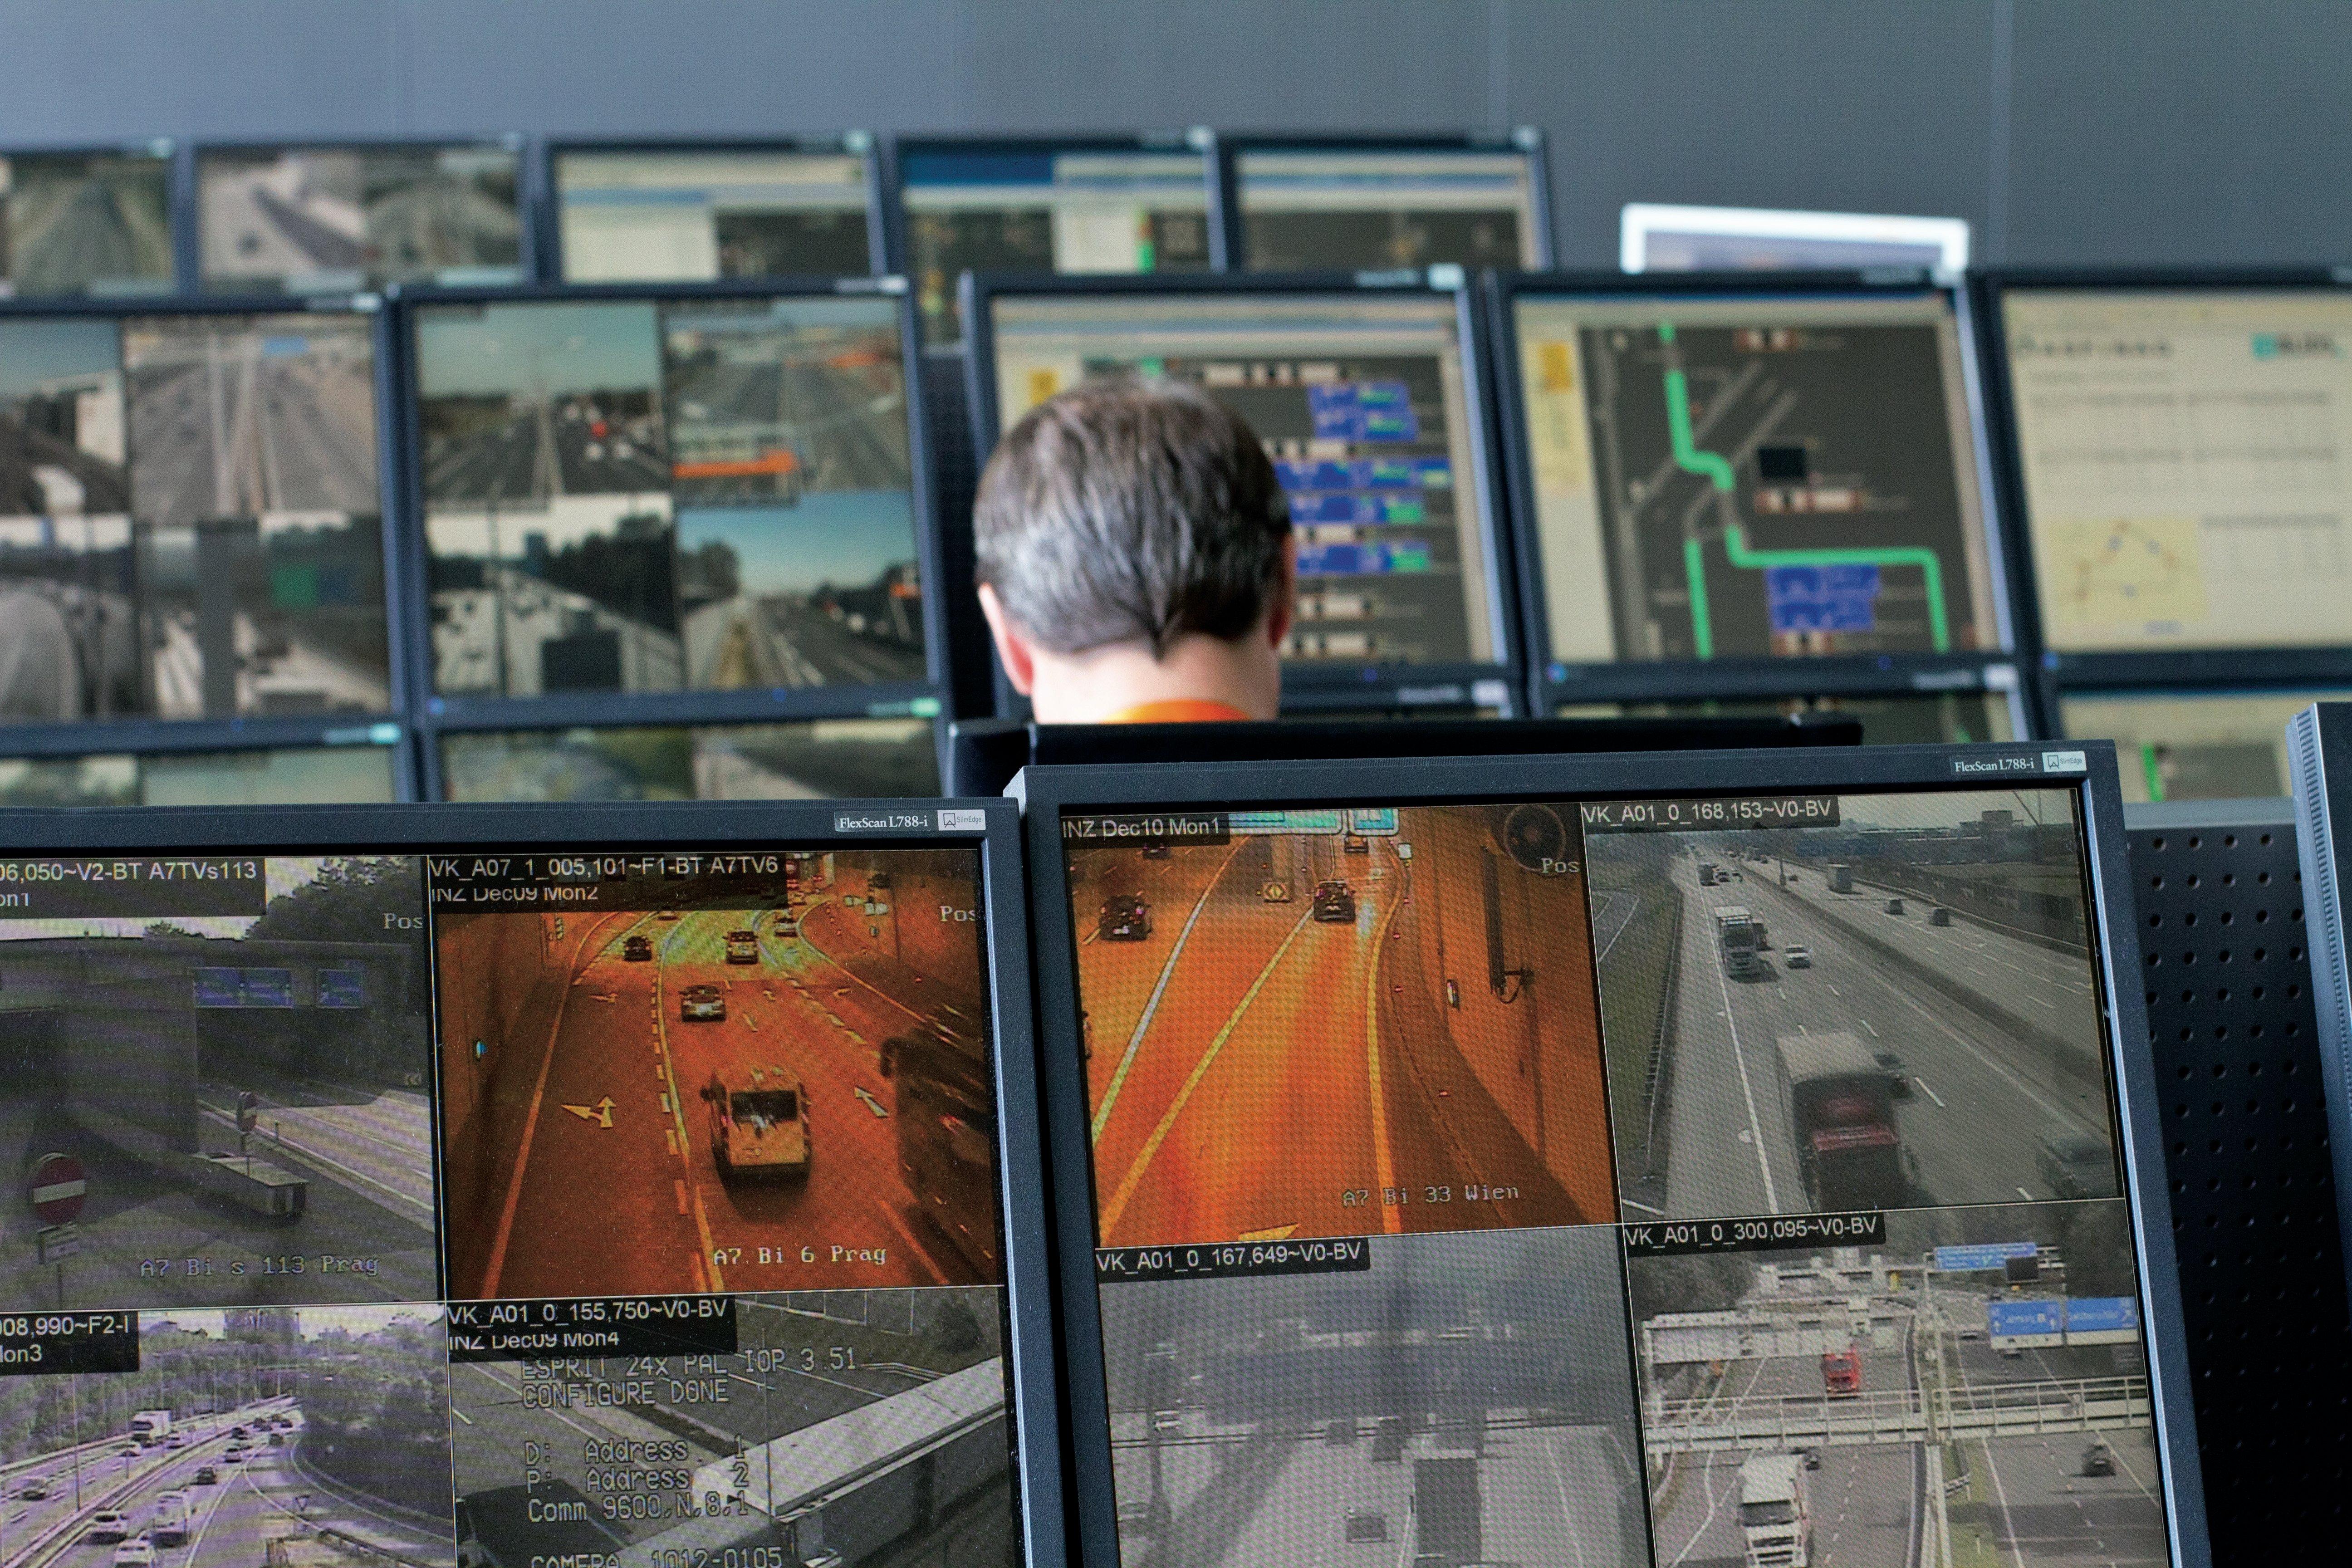 Monitore der Verkehrsleitzentrale beim Internet-der-Fahrzeuge-Test in Österreich.